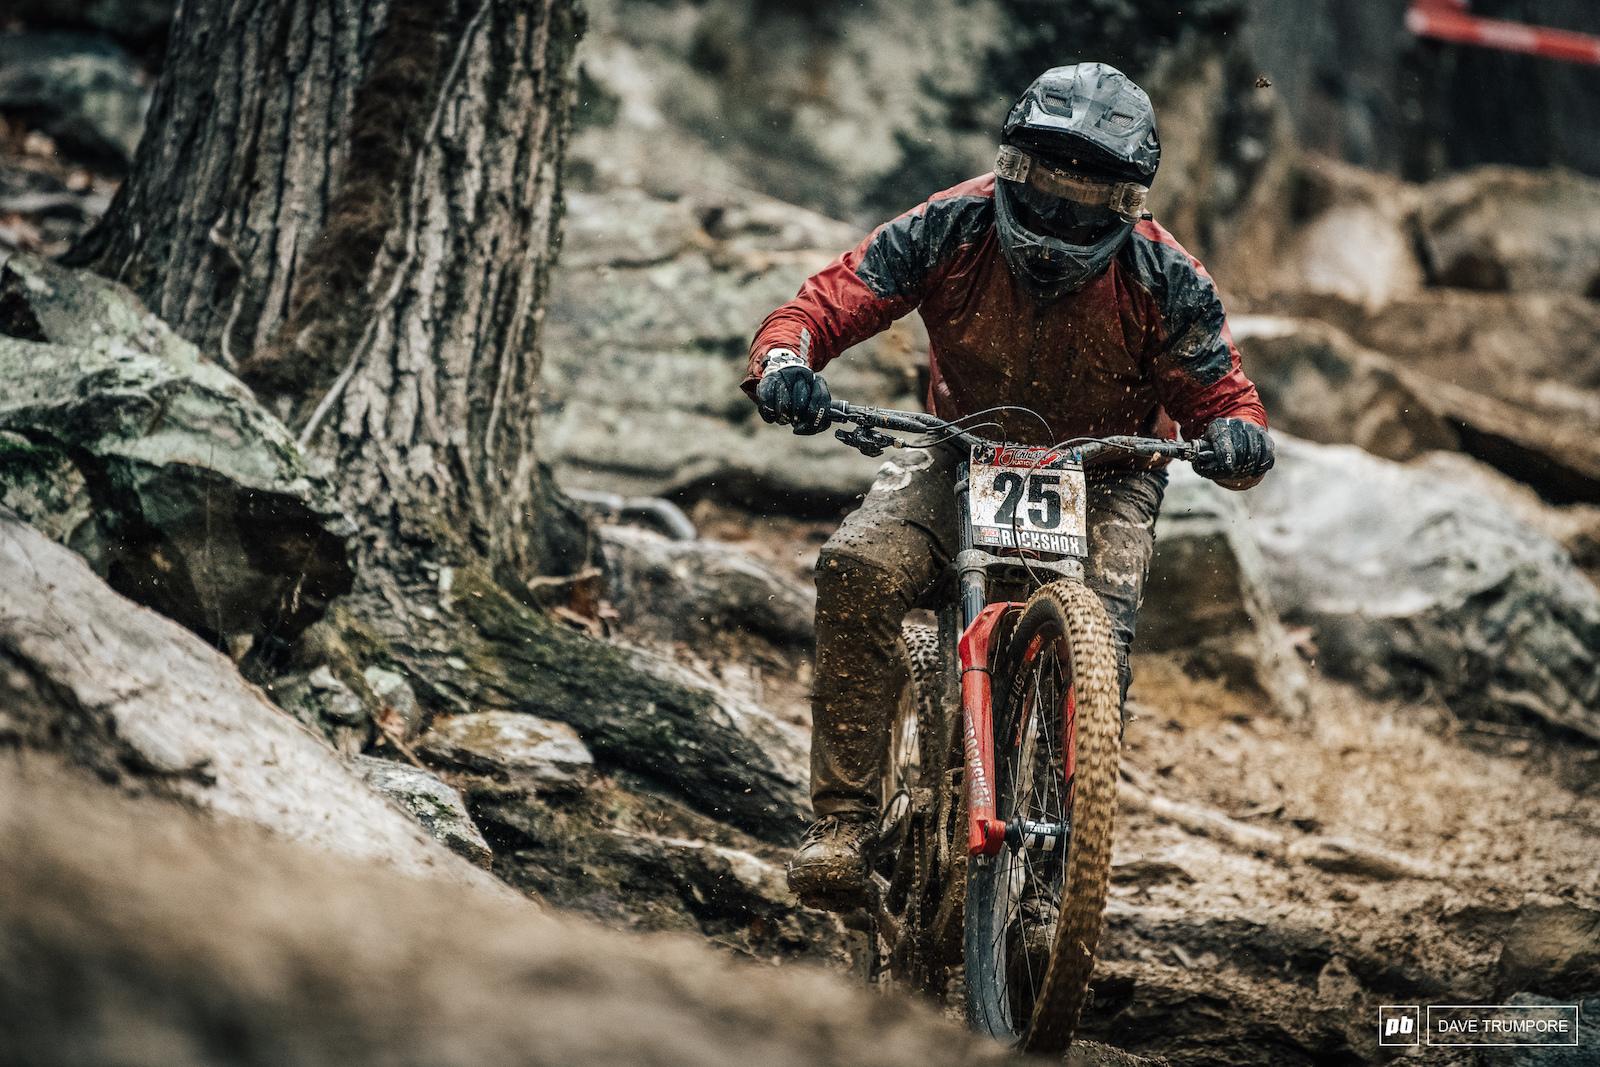 Benjamin Despres Morin battle through the extra muddy rock garden in practice